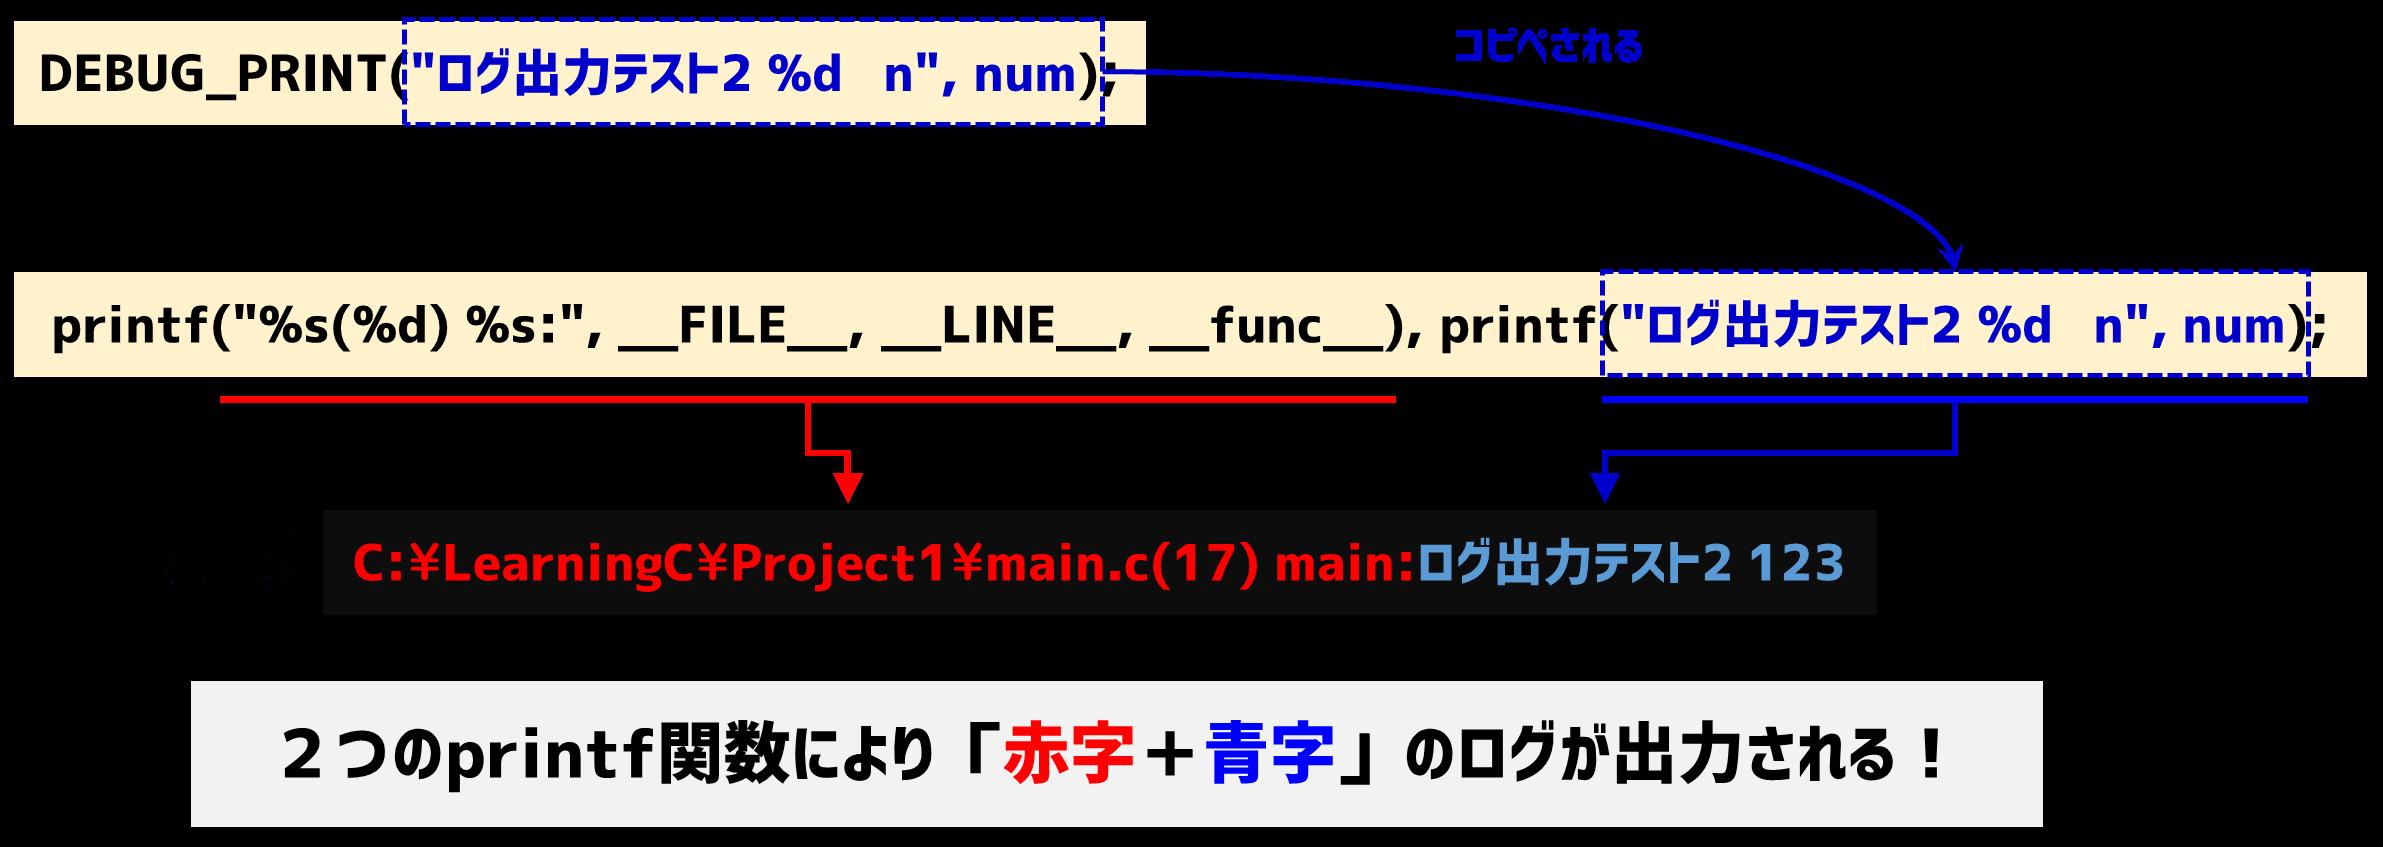 DEBUG_PRINTの展開結果